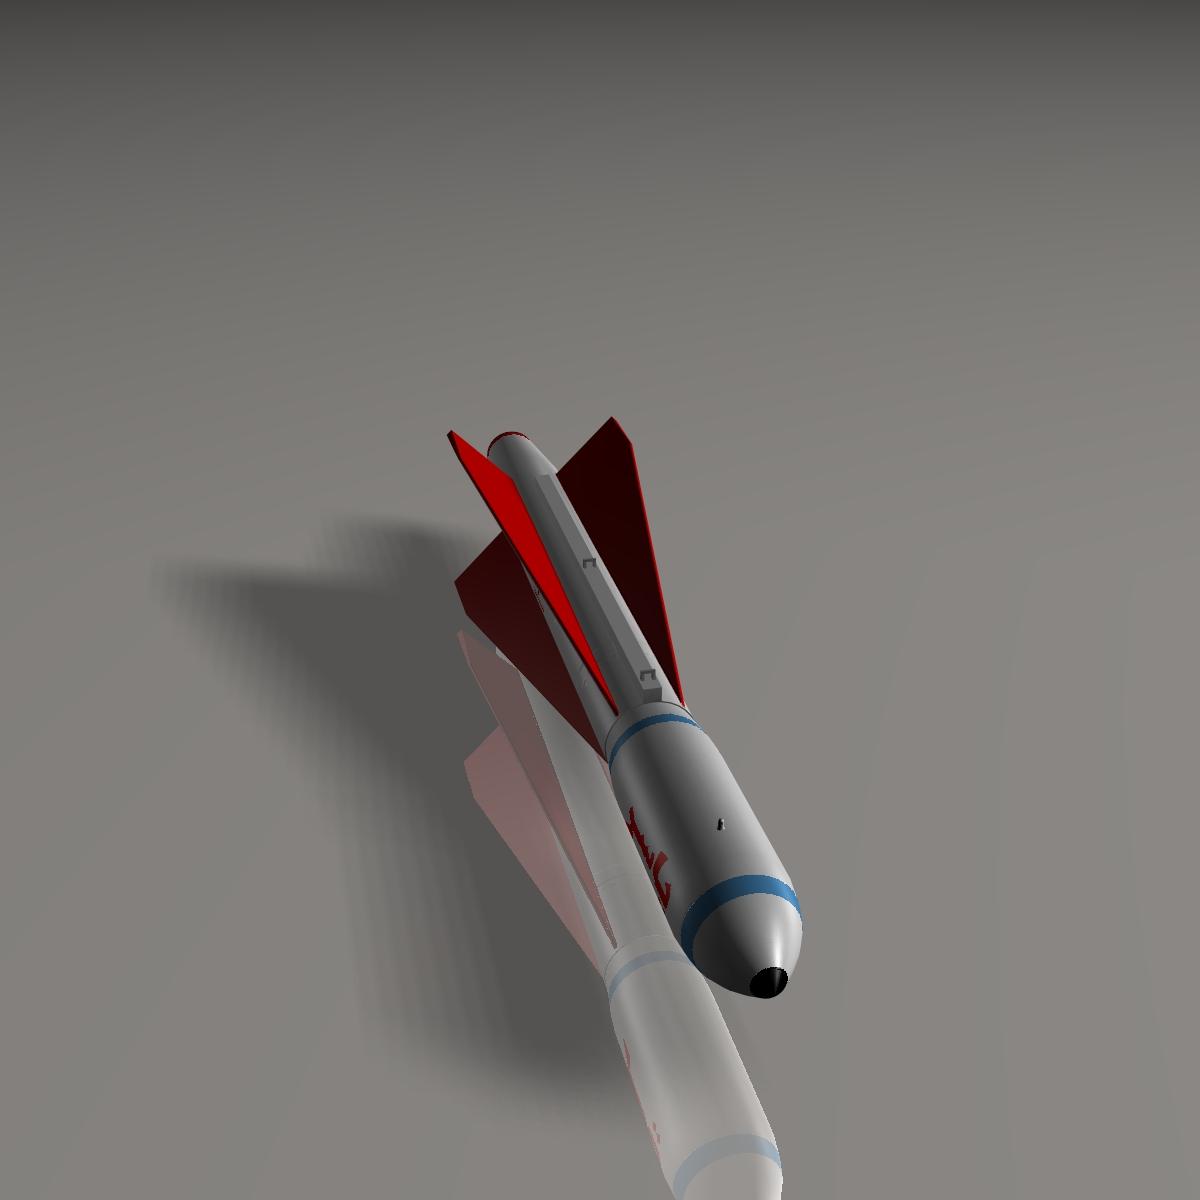 iranian yasser asm missile 3d model 3ds dxf cob x obj 150569